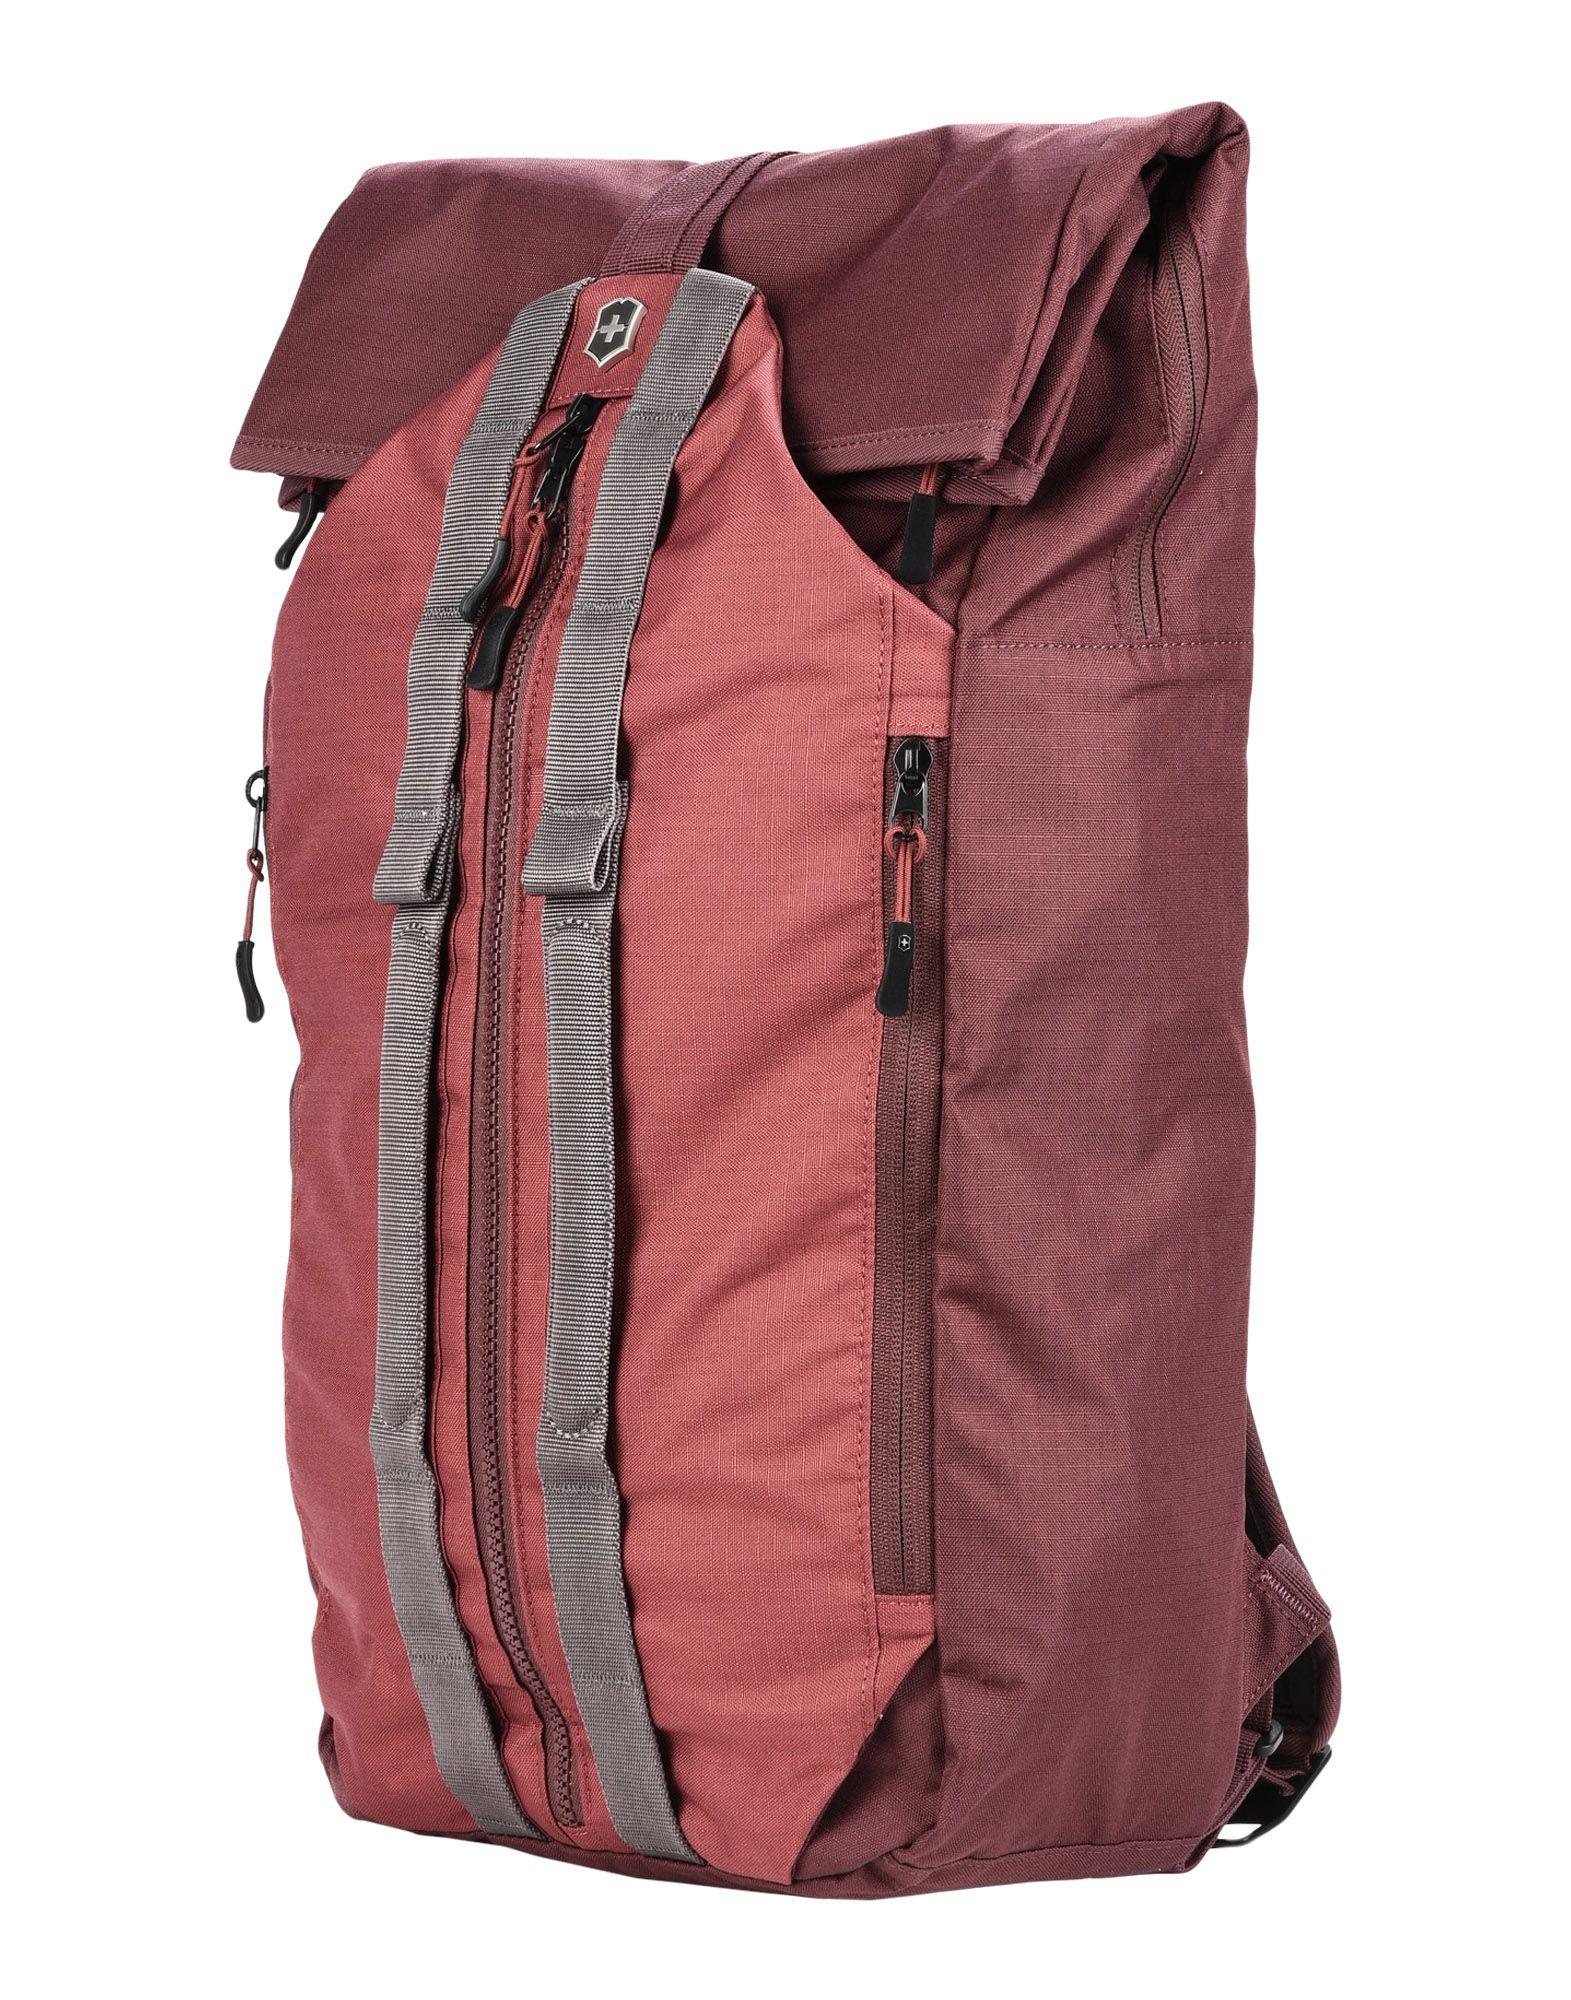 Zaini & Marsupi Victorinox Altmont Active Deluxe Duffel Laptop Backpack - Uomo - Acquista online su